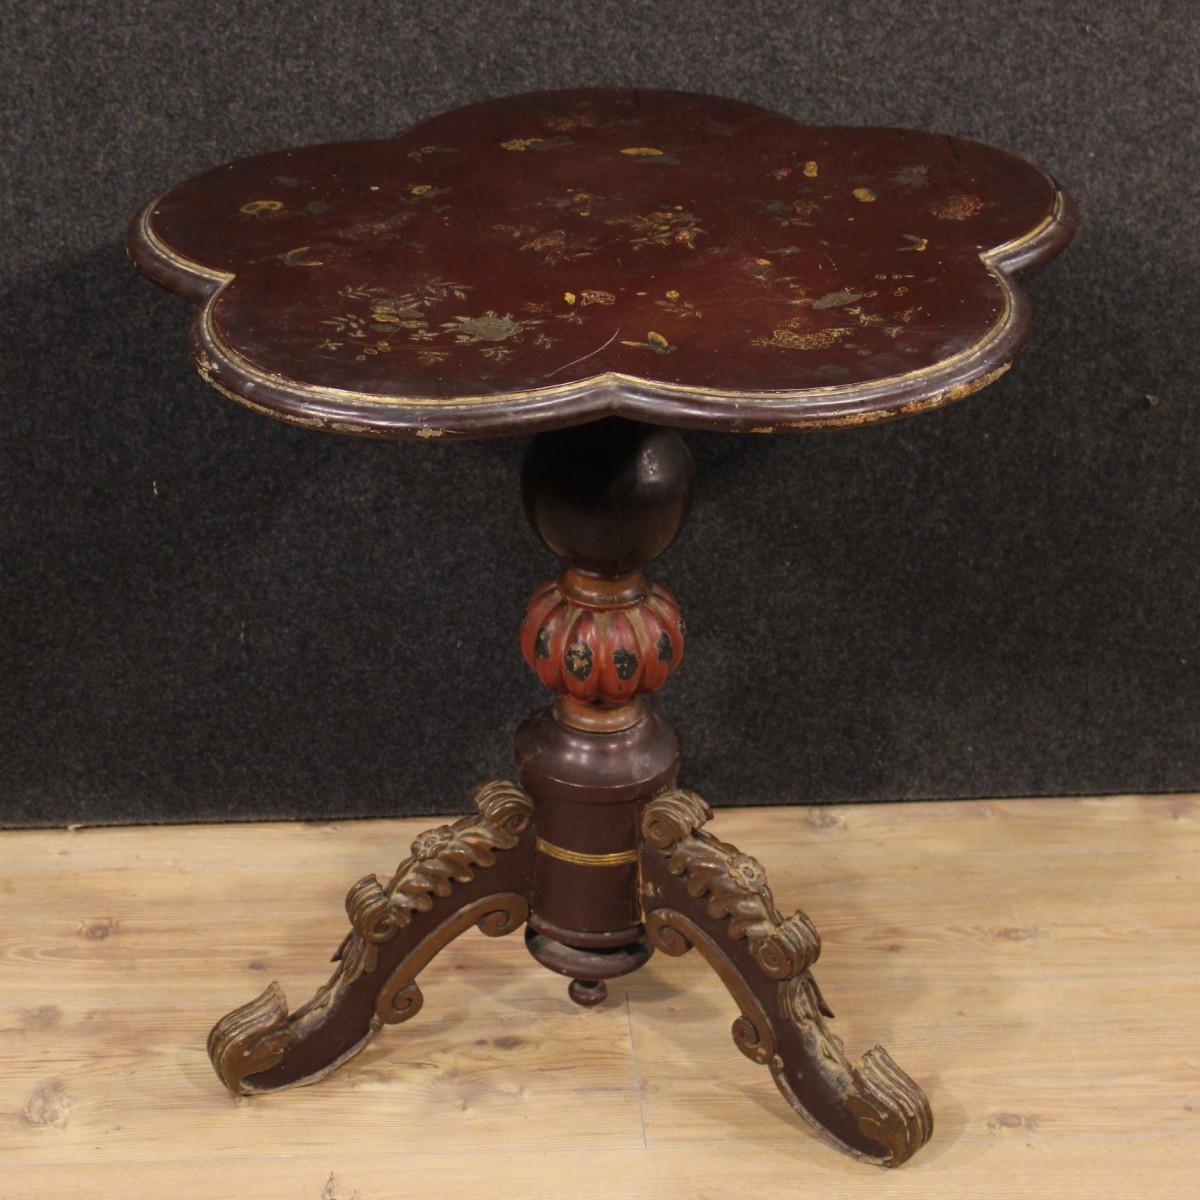 TABLE PETITE BOIS SCULPTÉ VERNI DOR CHINOISERIE FRANCE D  ~ Petite Table Bois